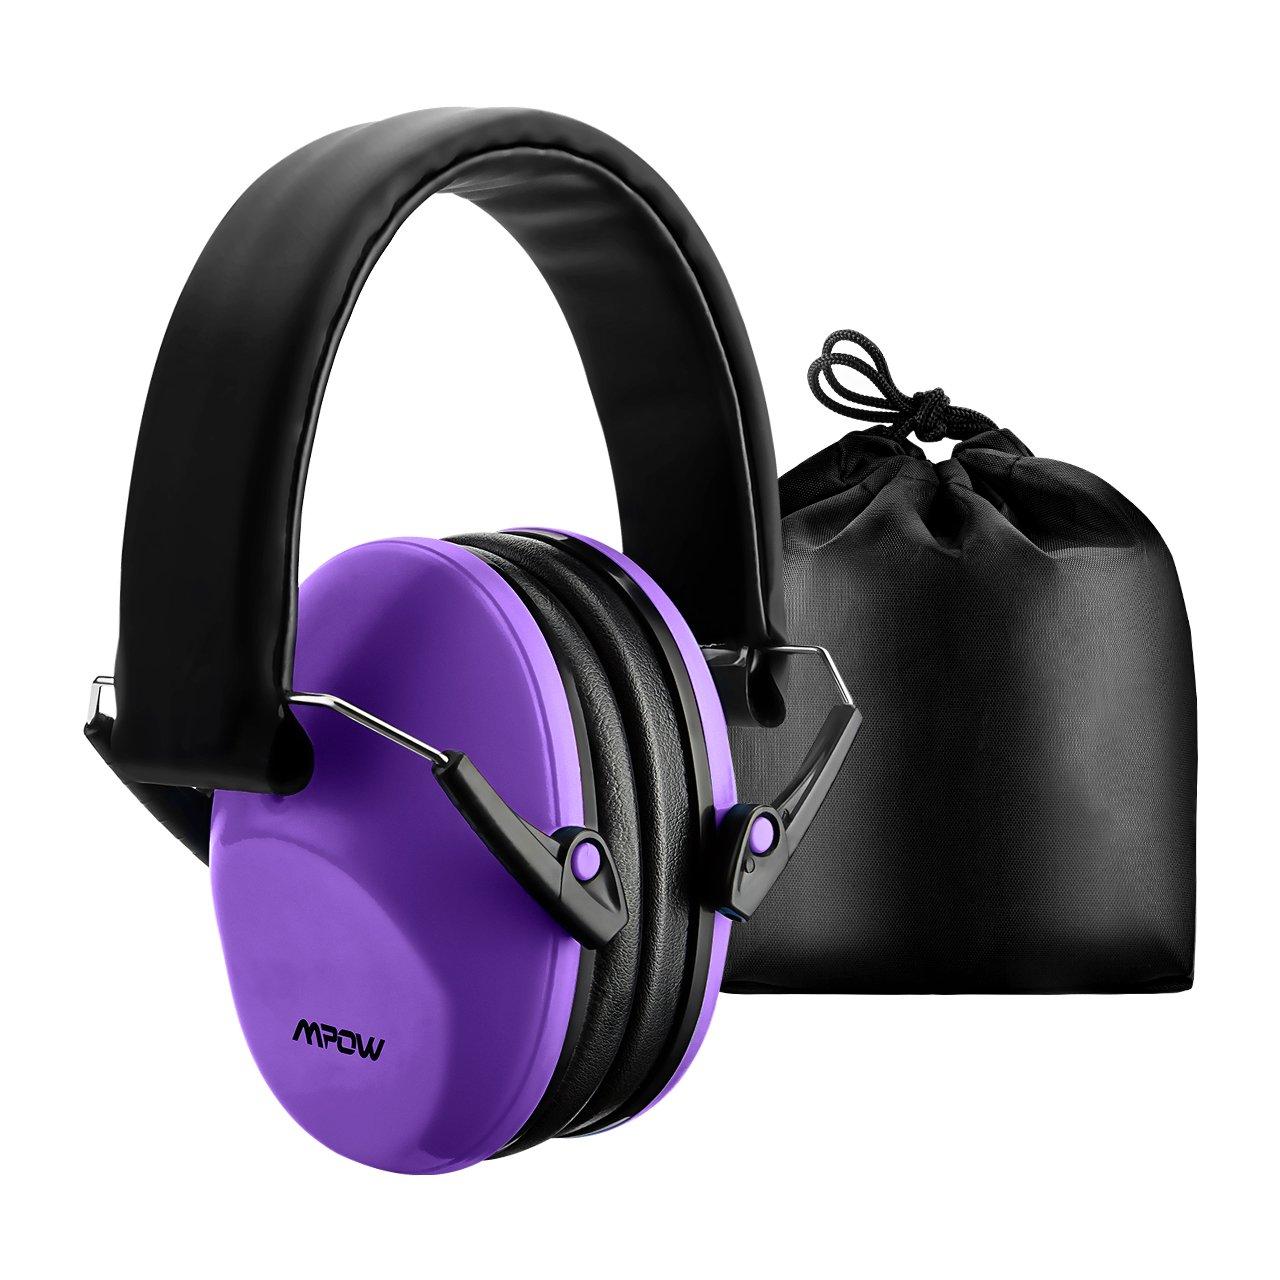 Mpow Casque Anti-bruit Enfant Adulte Pliable Réglable avec Sac Transport, Casques Antibruit à Protection Auditive de Réduction du Bruit pour Concert/Feu d'Artifice, Cache-Oreilles NRR 25dB/SNR 29dB